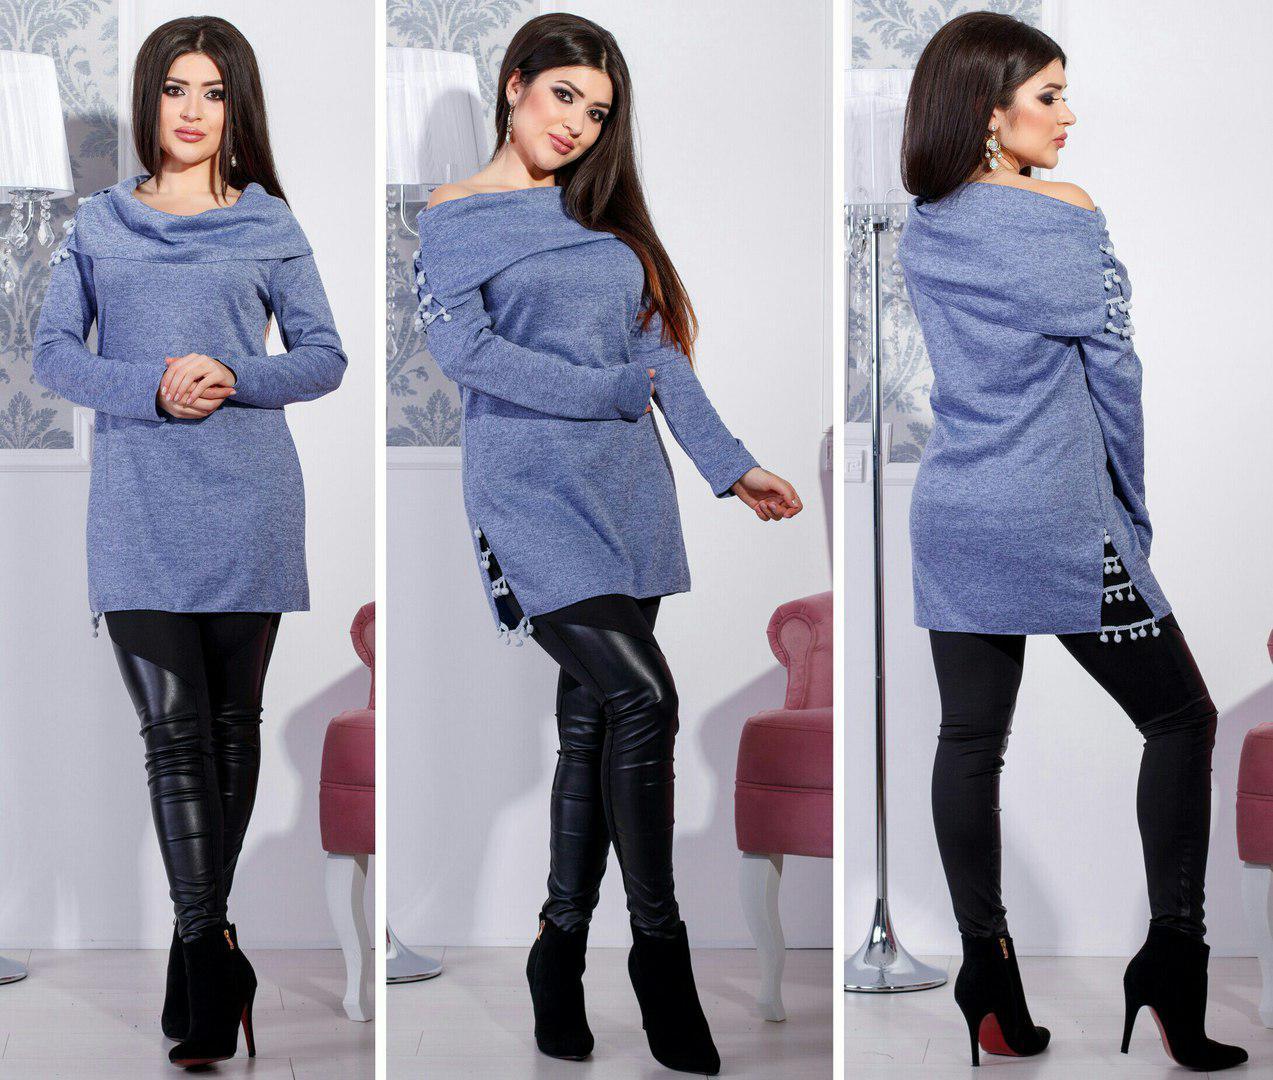 2535eabc81b Молодежная женская туника с разрезом с боку и длинным рукавом -  Интернет-магазин одежды